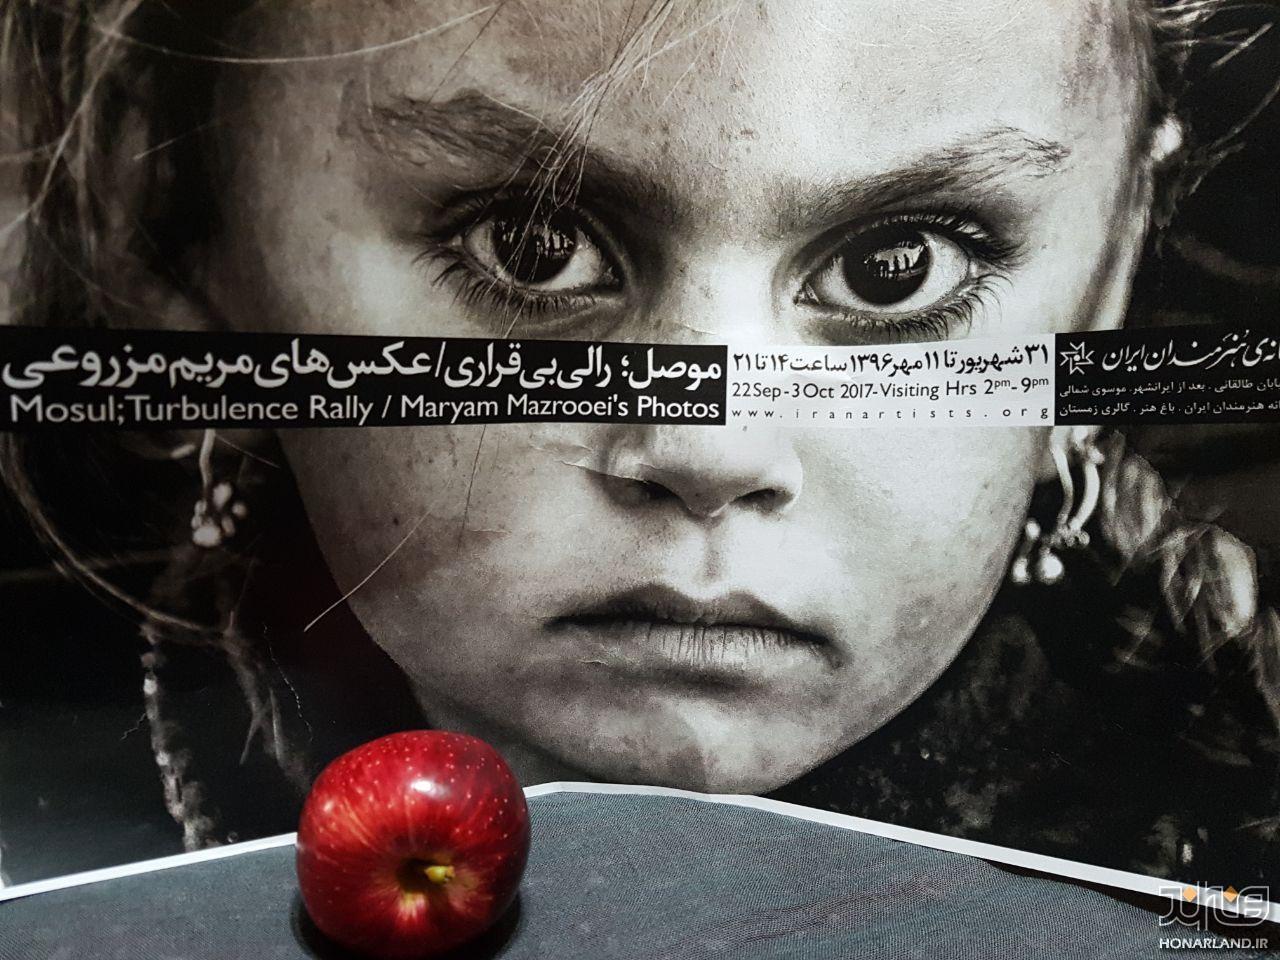 موصل رالی بی قراری   نمایشی بی پرده از واقعیت جنگ در کشور بی ثبات